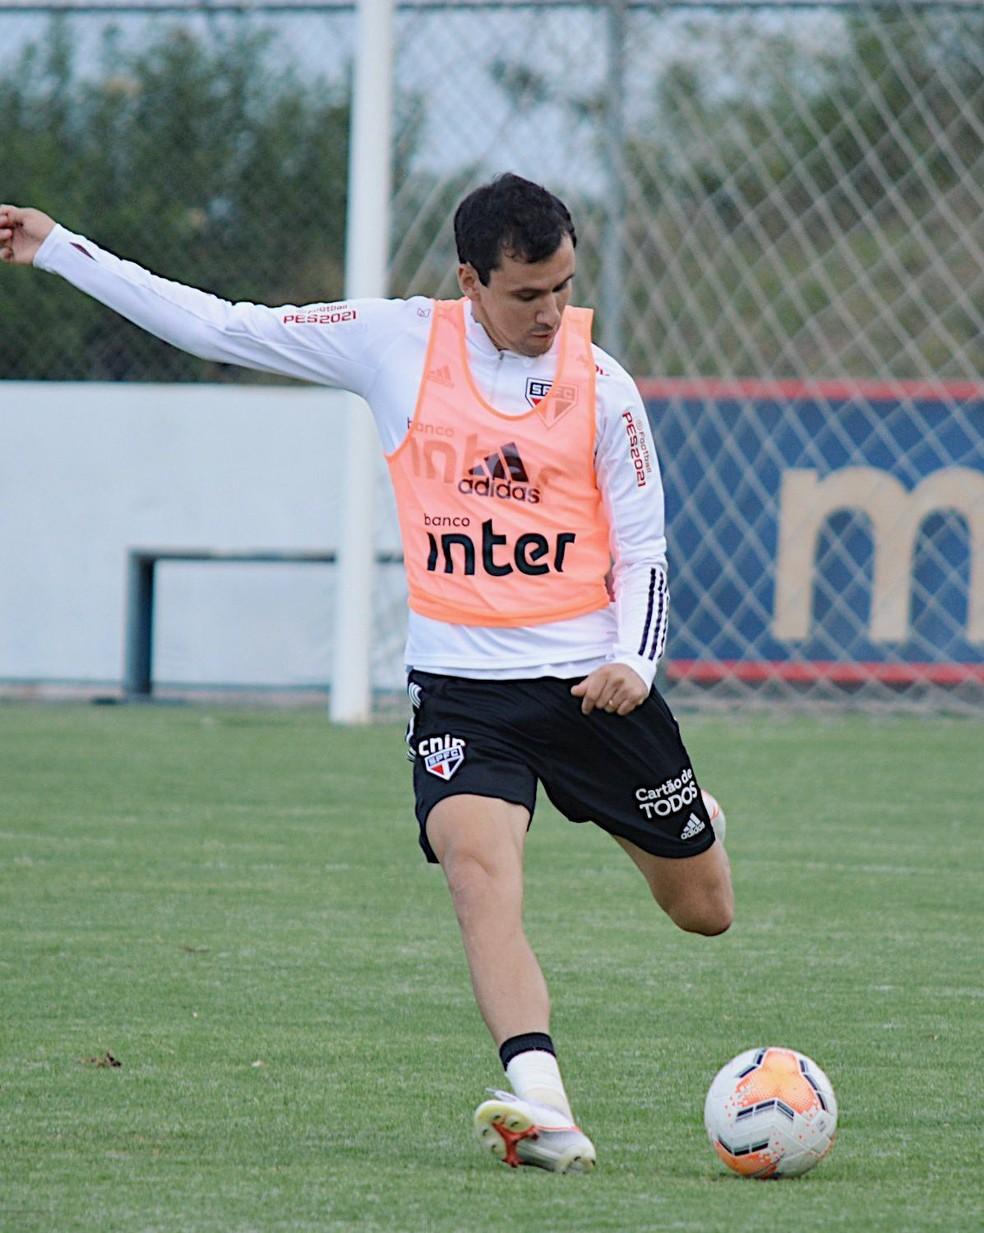 Pablo no treino do São Paulo no Equador — Foto: Erico Leonan / saopaulofc.net